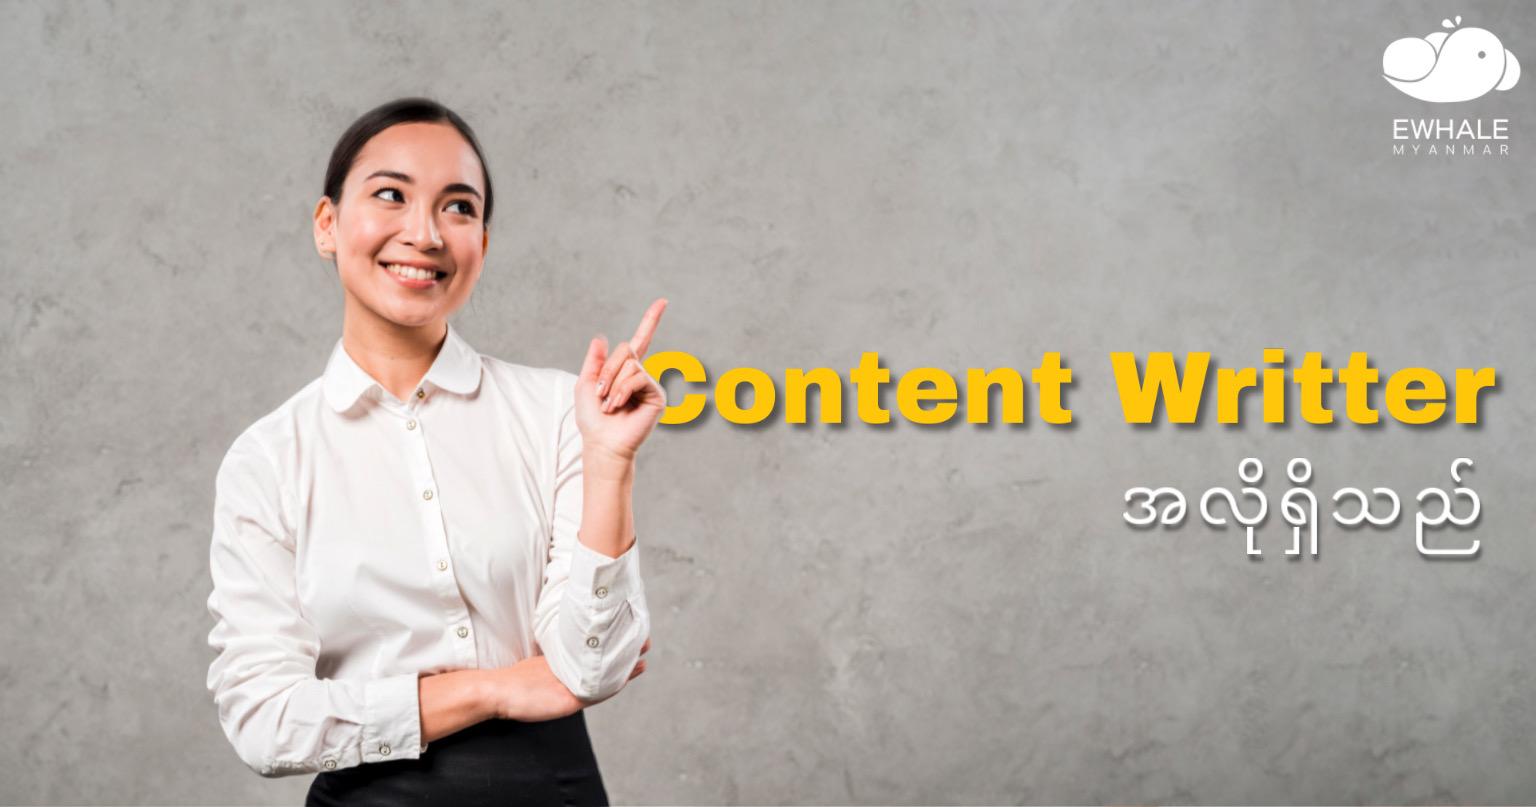 ContentWritter(1)